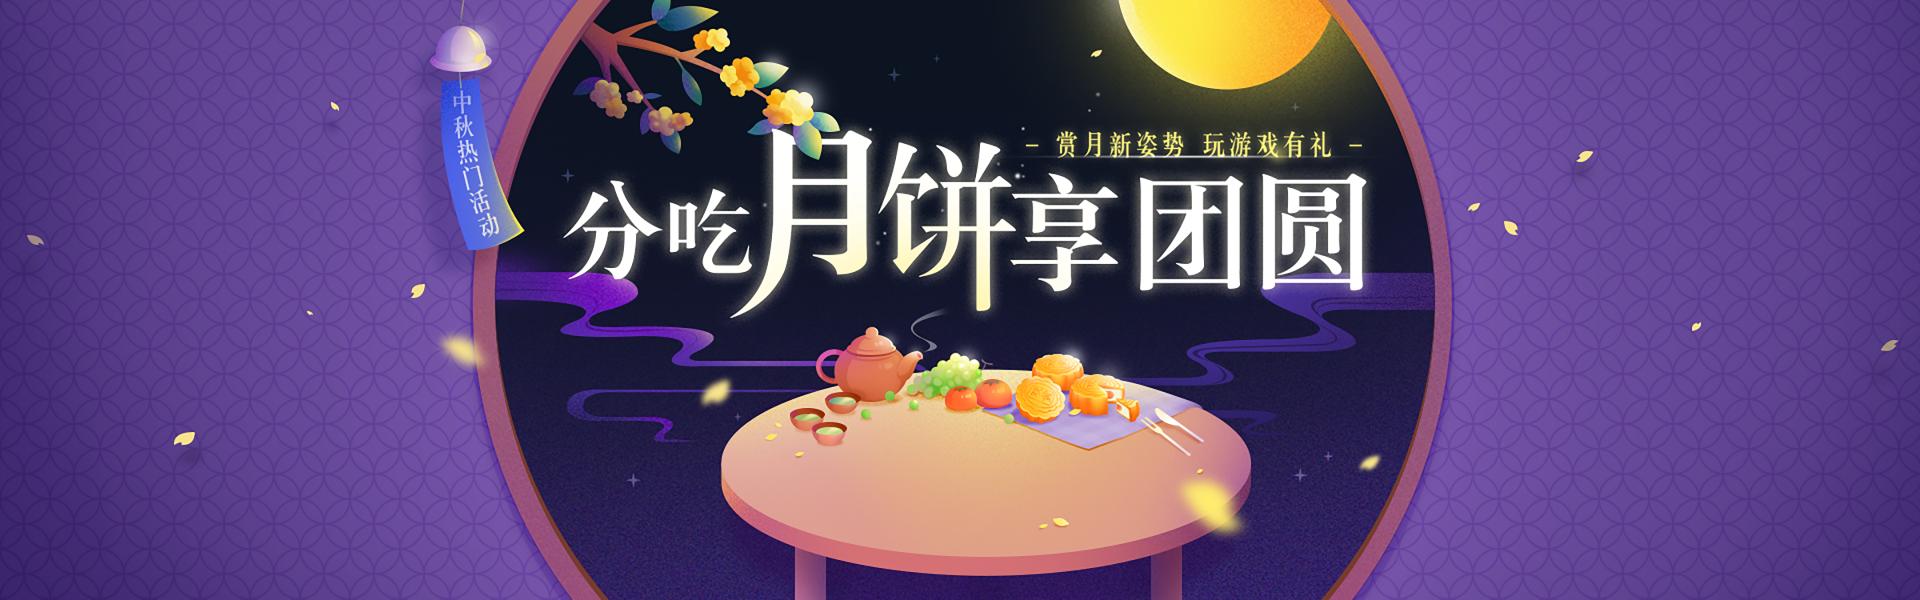 中秋节h5小游戏活动